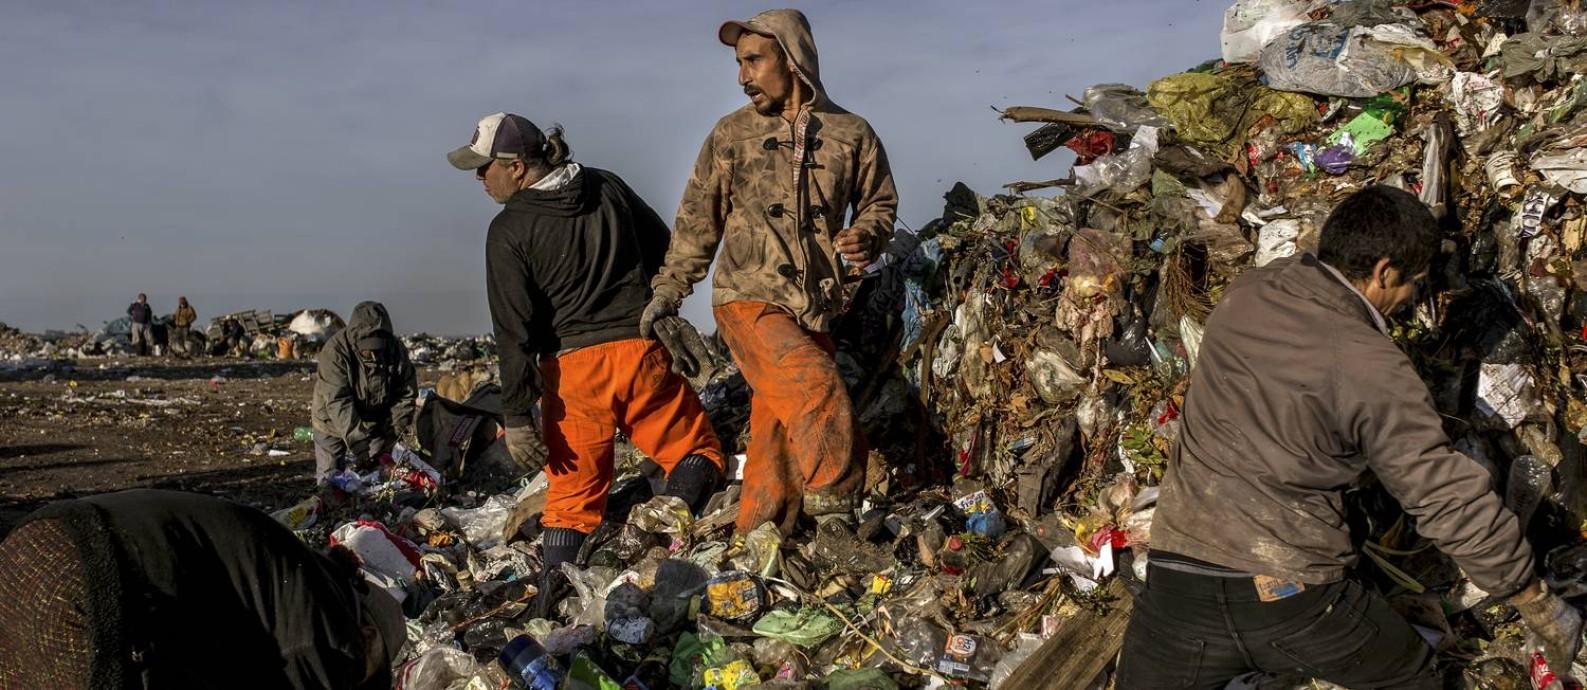 Um grupo de pessoas revolve um lixão na cidade de Paraná, na Argentina, buscando comida, roupas e material reciclável para vender Foto: SARAH PABST / NYT